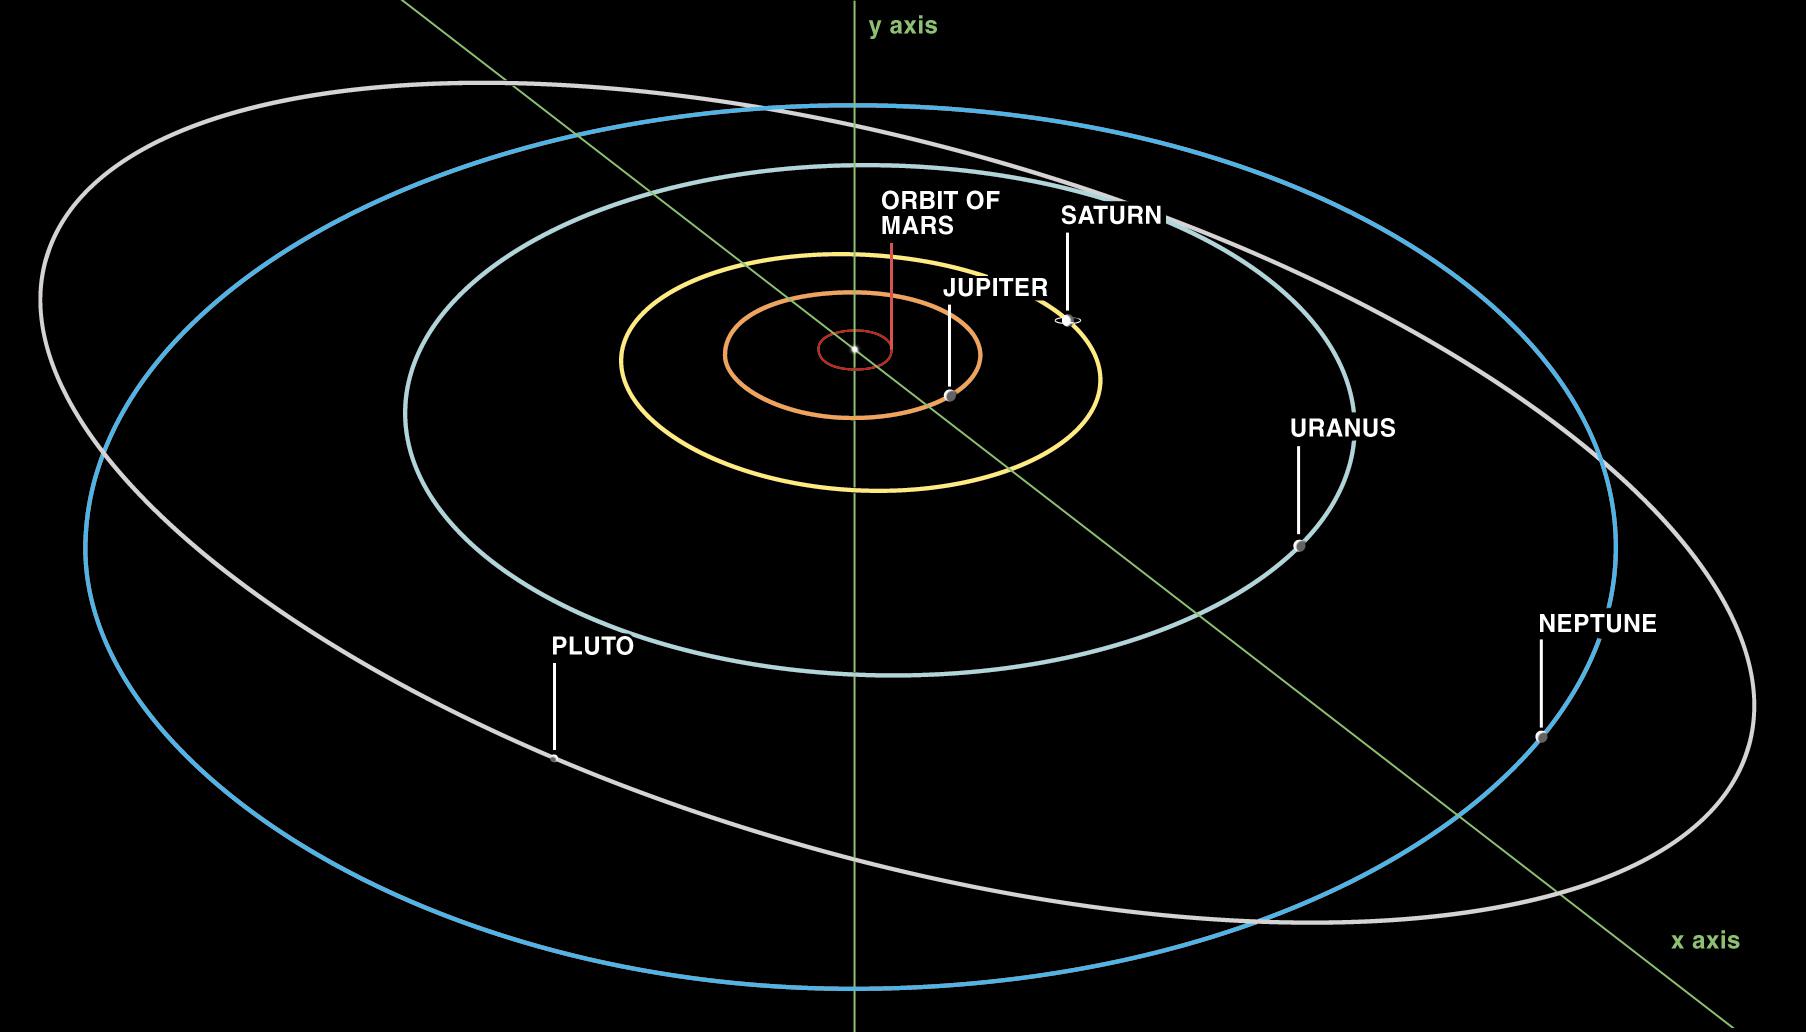 Orbites comparées des planètes du système solaire externe. Avec son orbite très allongée s\'inscrivant la plupart du temps à l\'intérieur de celle de Neptune, Pluton posait un indiscutable problème de définition